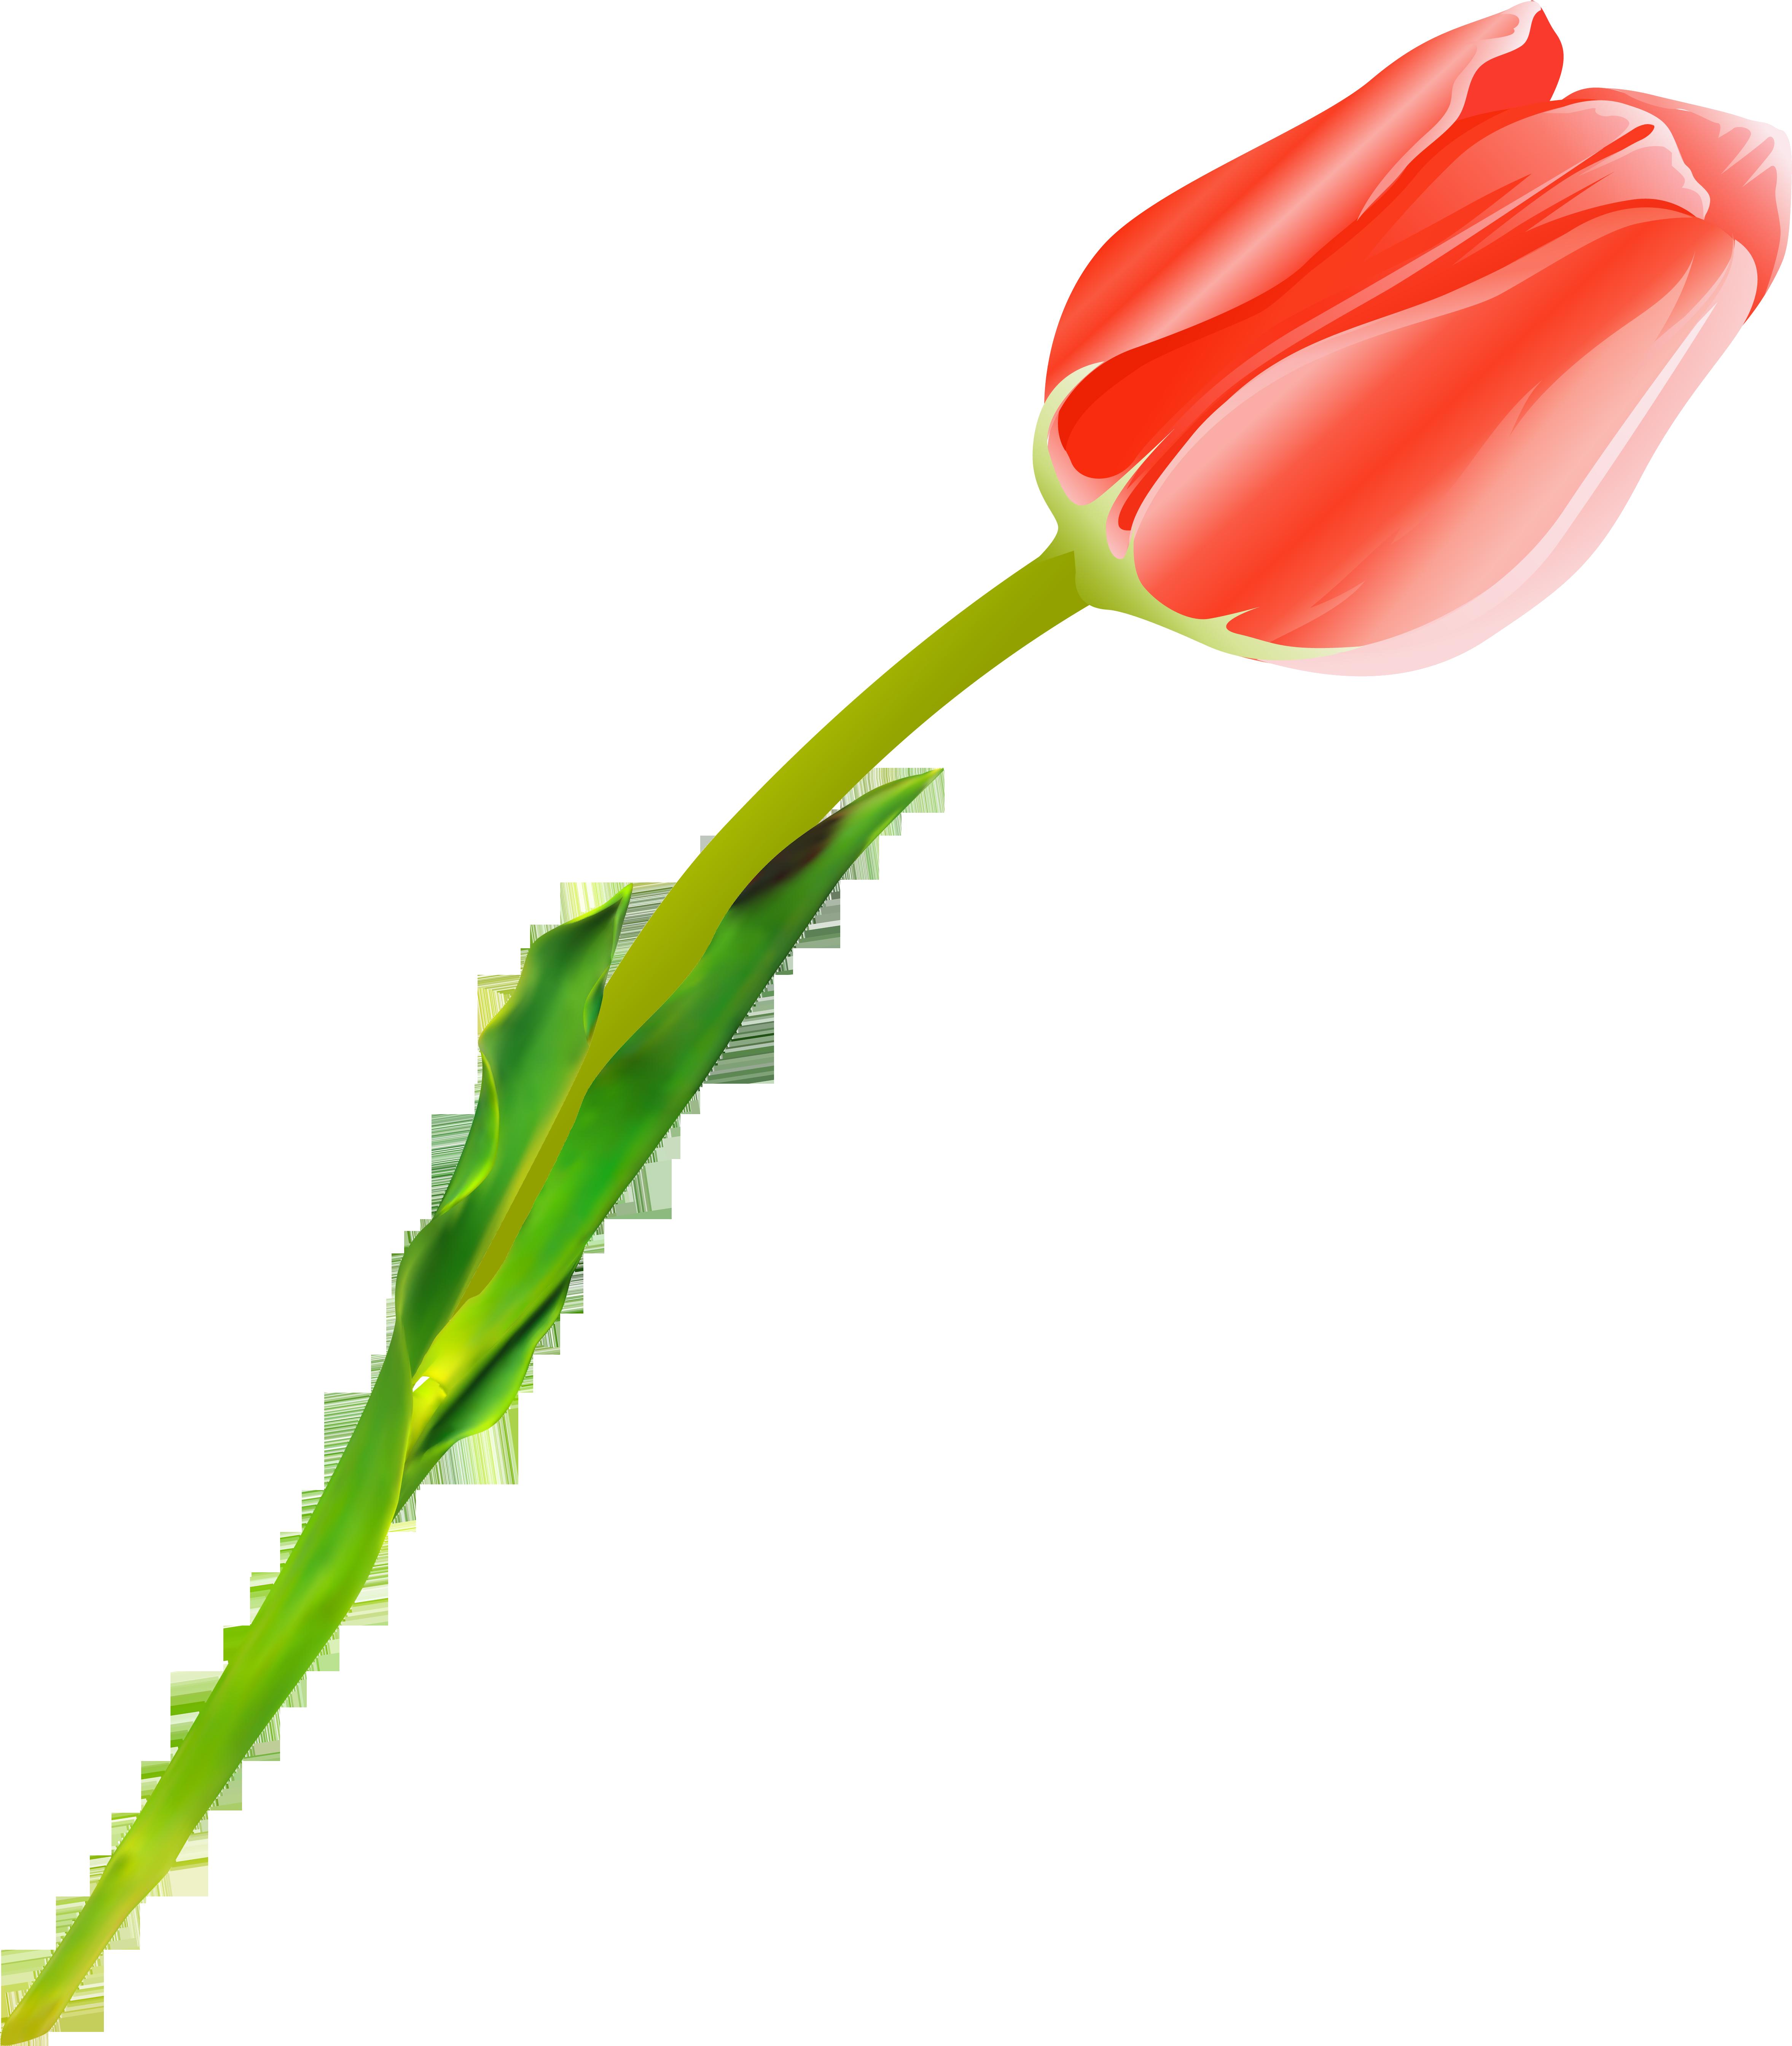 Картинка тюльпаны на прозрачном фоне, открыток миру